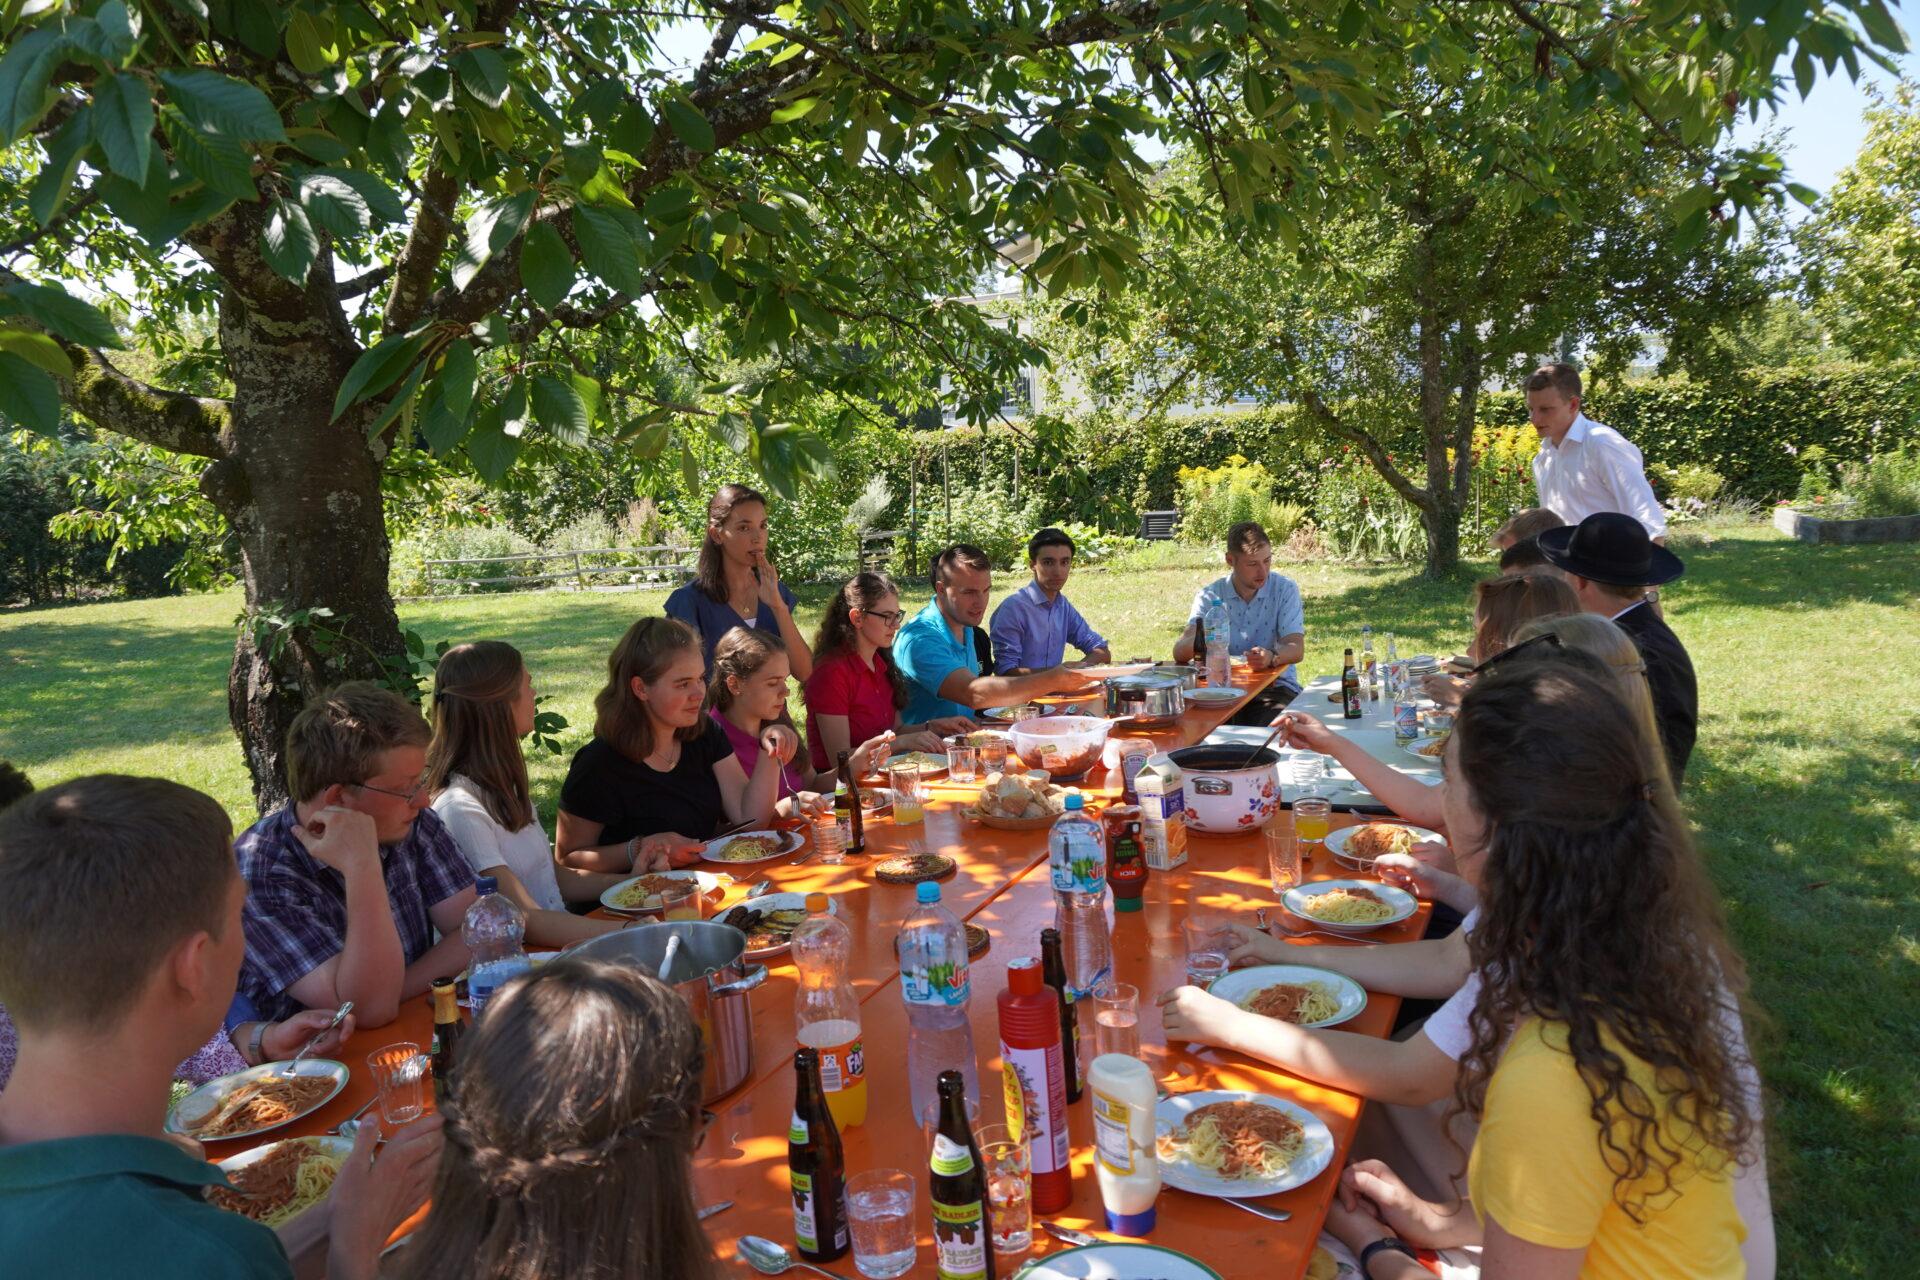 Gruppen der KJB: KJB Gruppe essen gemütlich zusammen